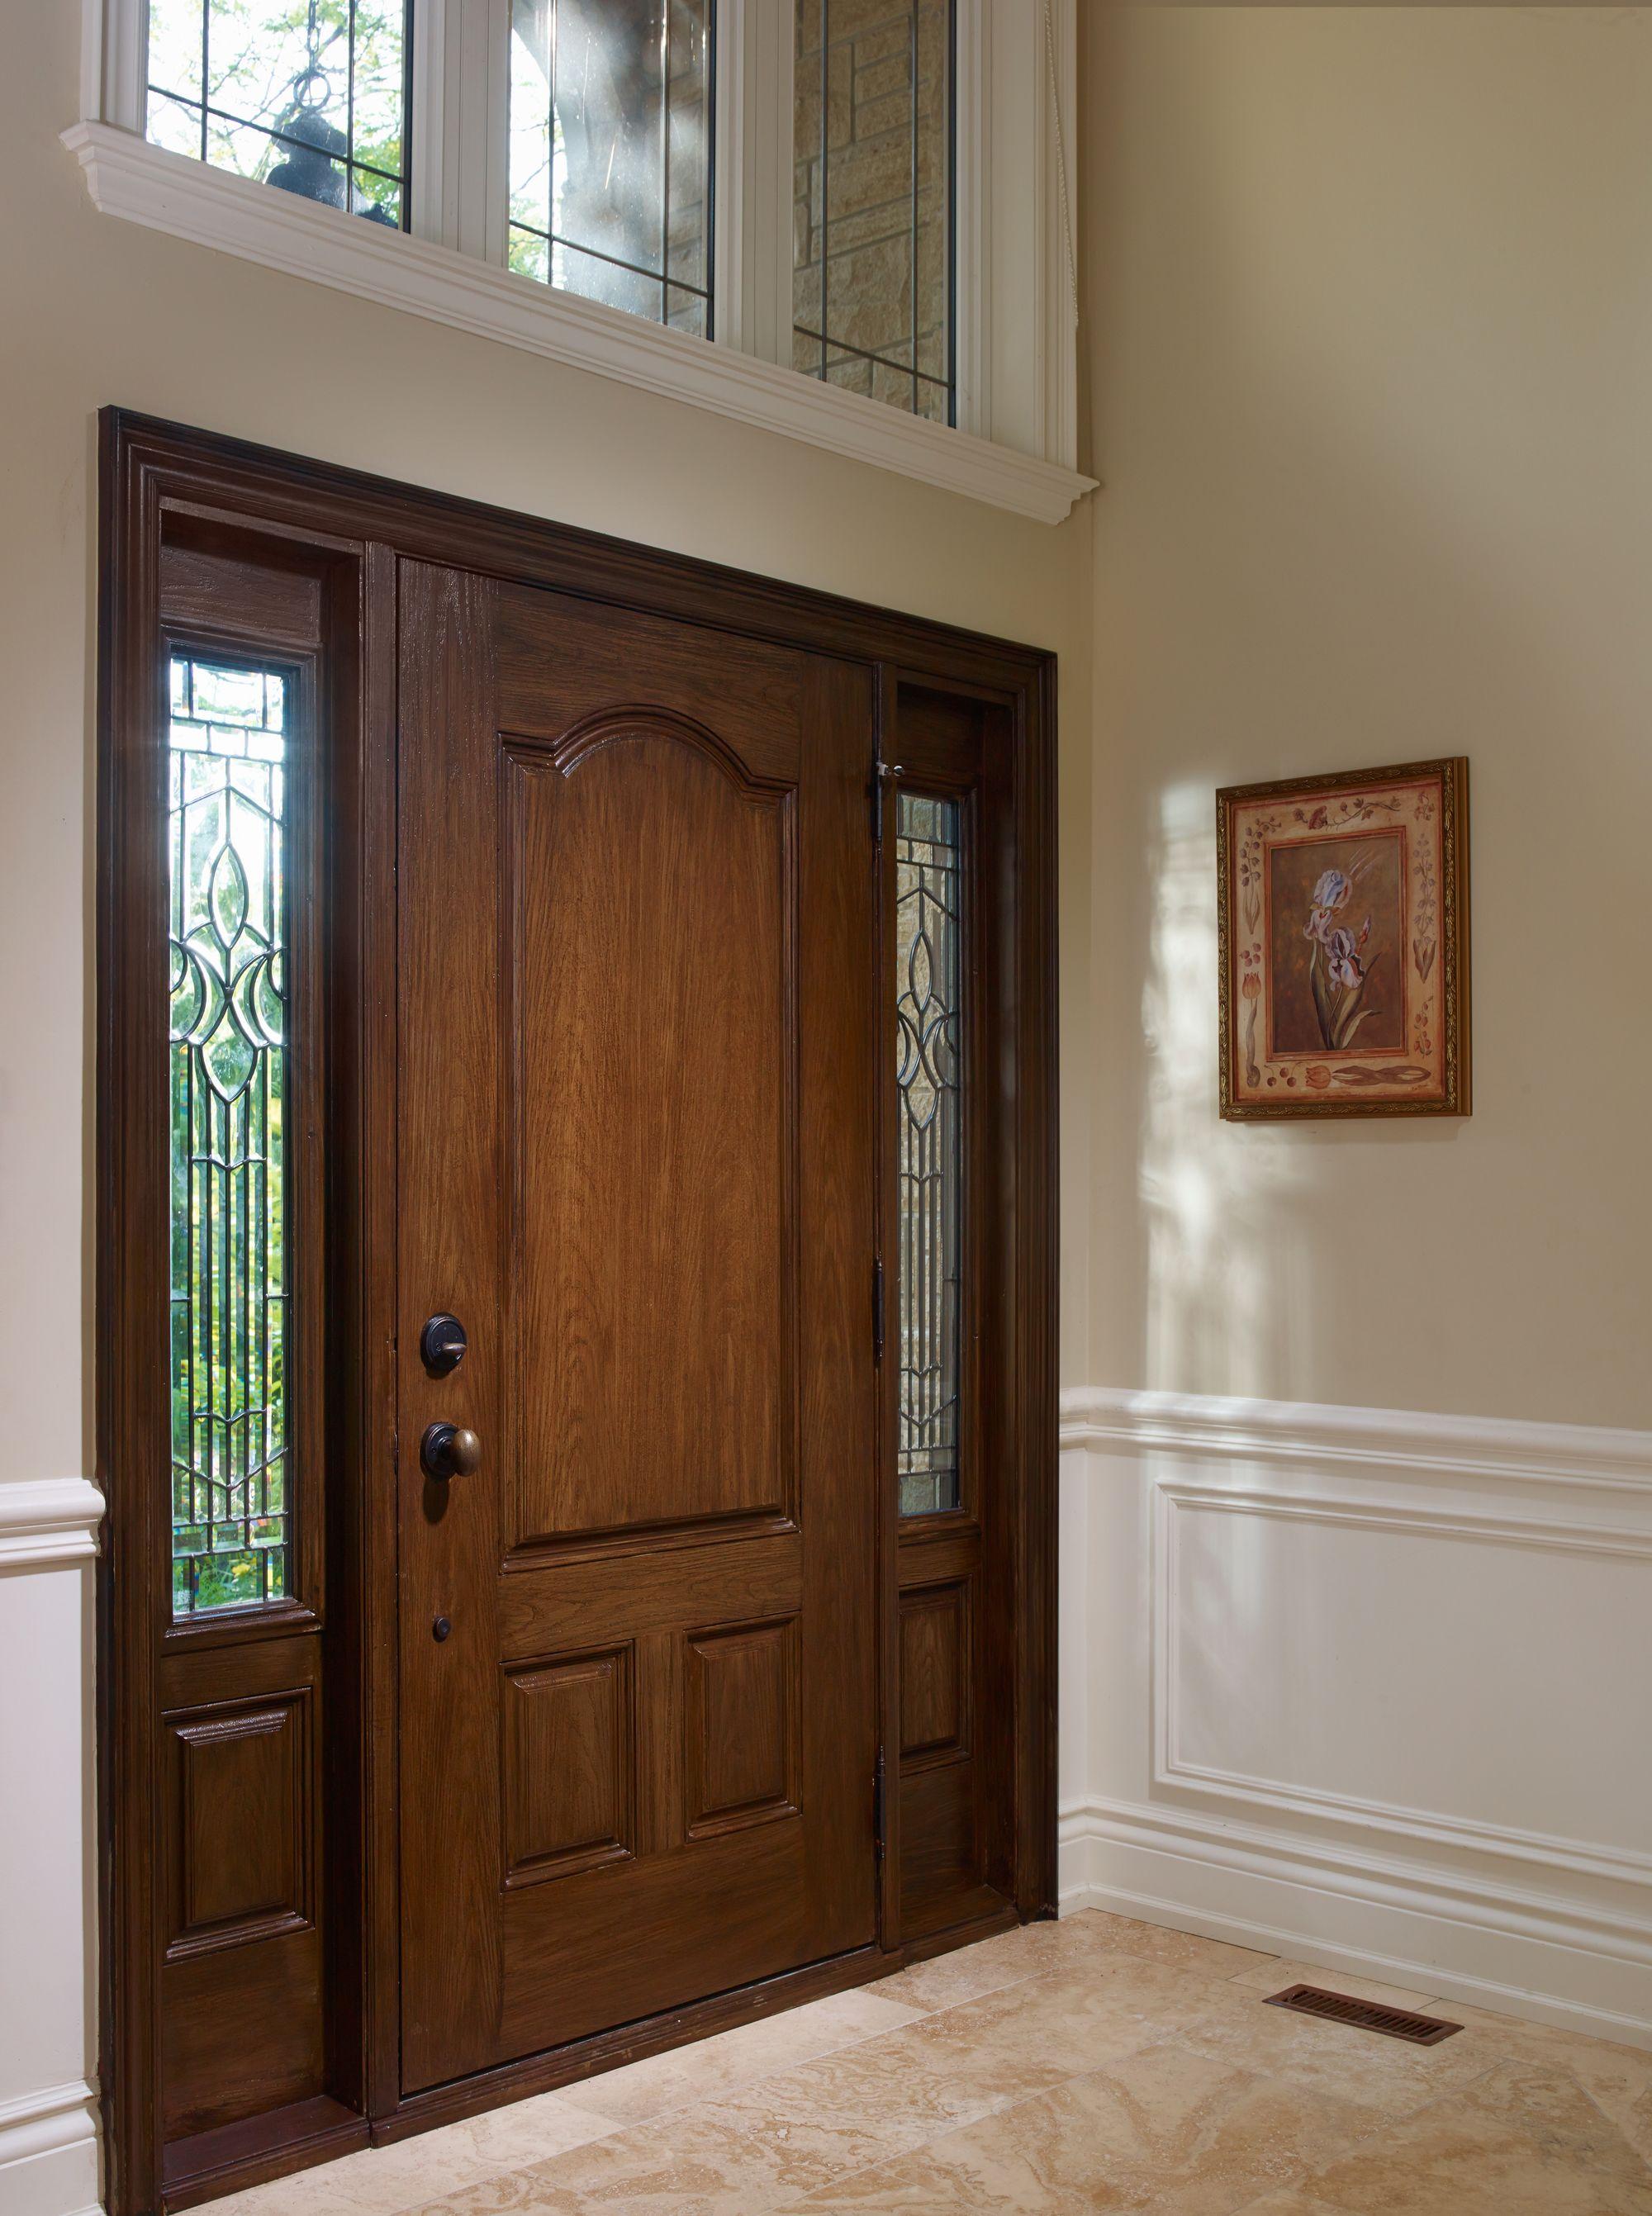 Fiberglass entry door systems wood doors - Fiberglass 3 Panel Entry Door System With Sidelites View More Of Casa Bella S Fiberglass Doors